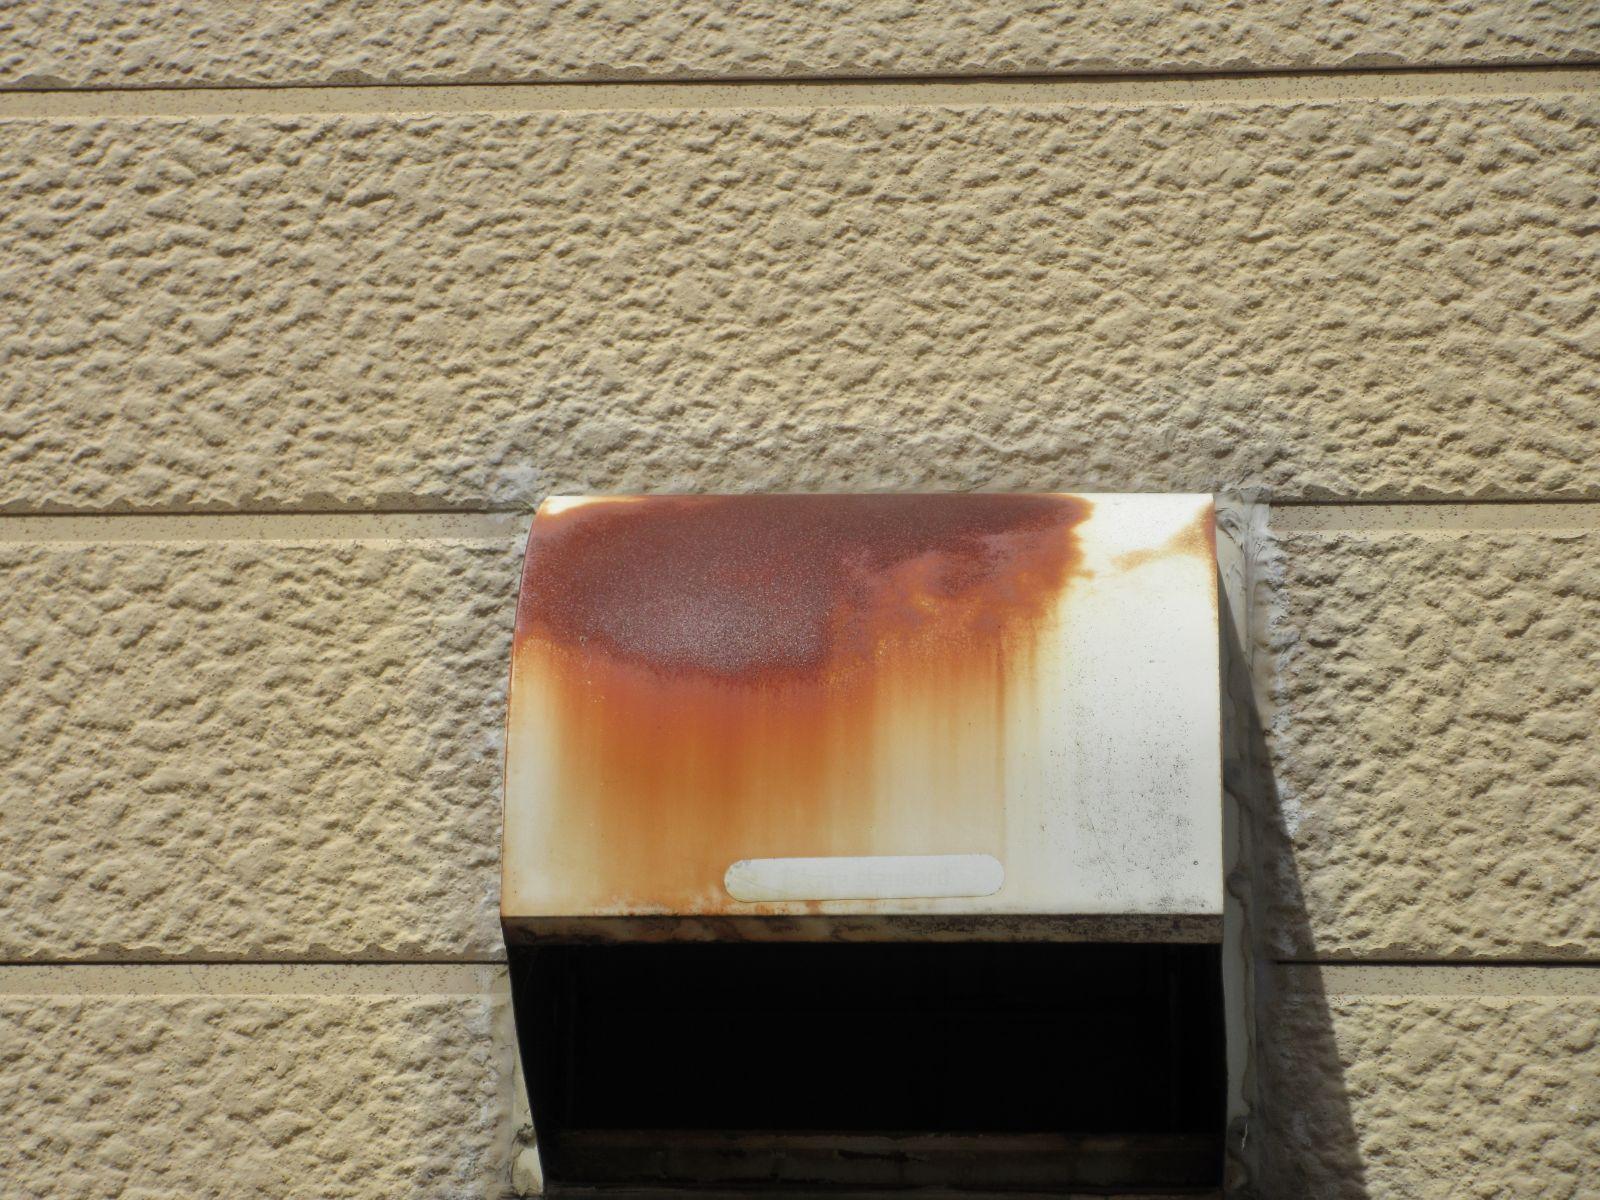 【和歌山市】T様邸<br>『ライトグレーの外壁と黒の屋根でエレガントな仕上がりに♪』15